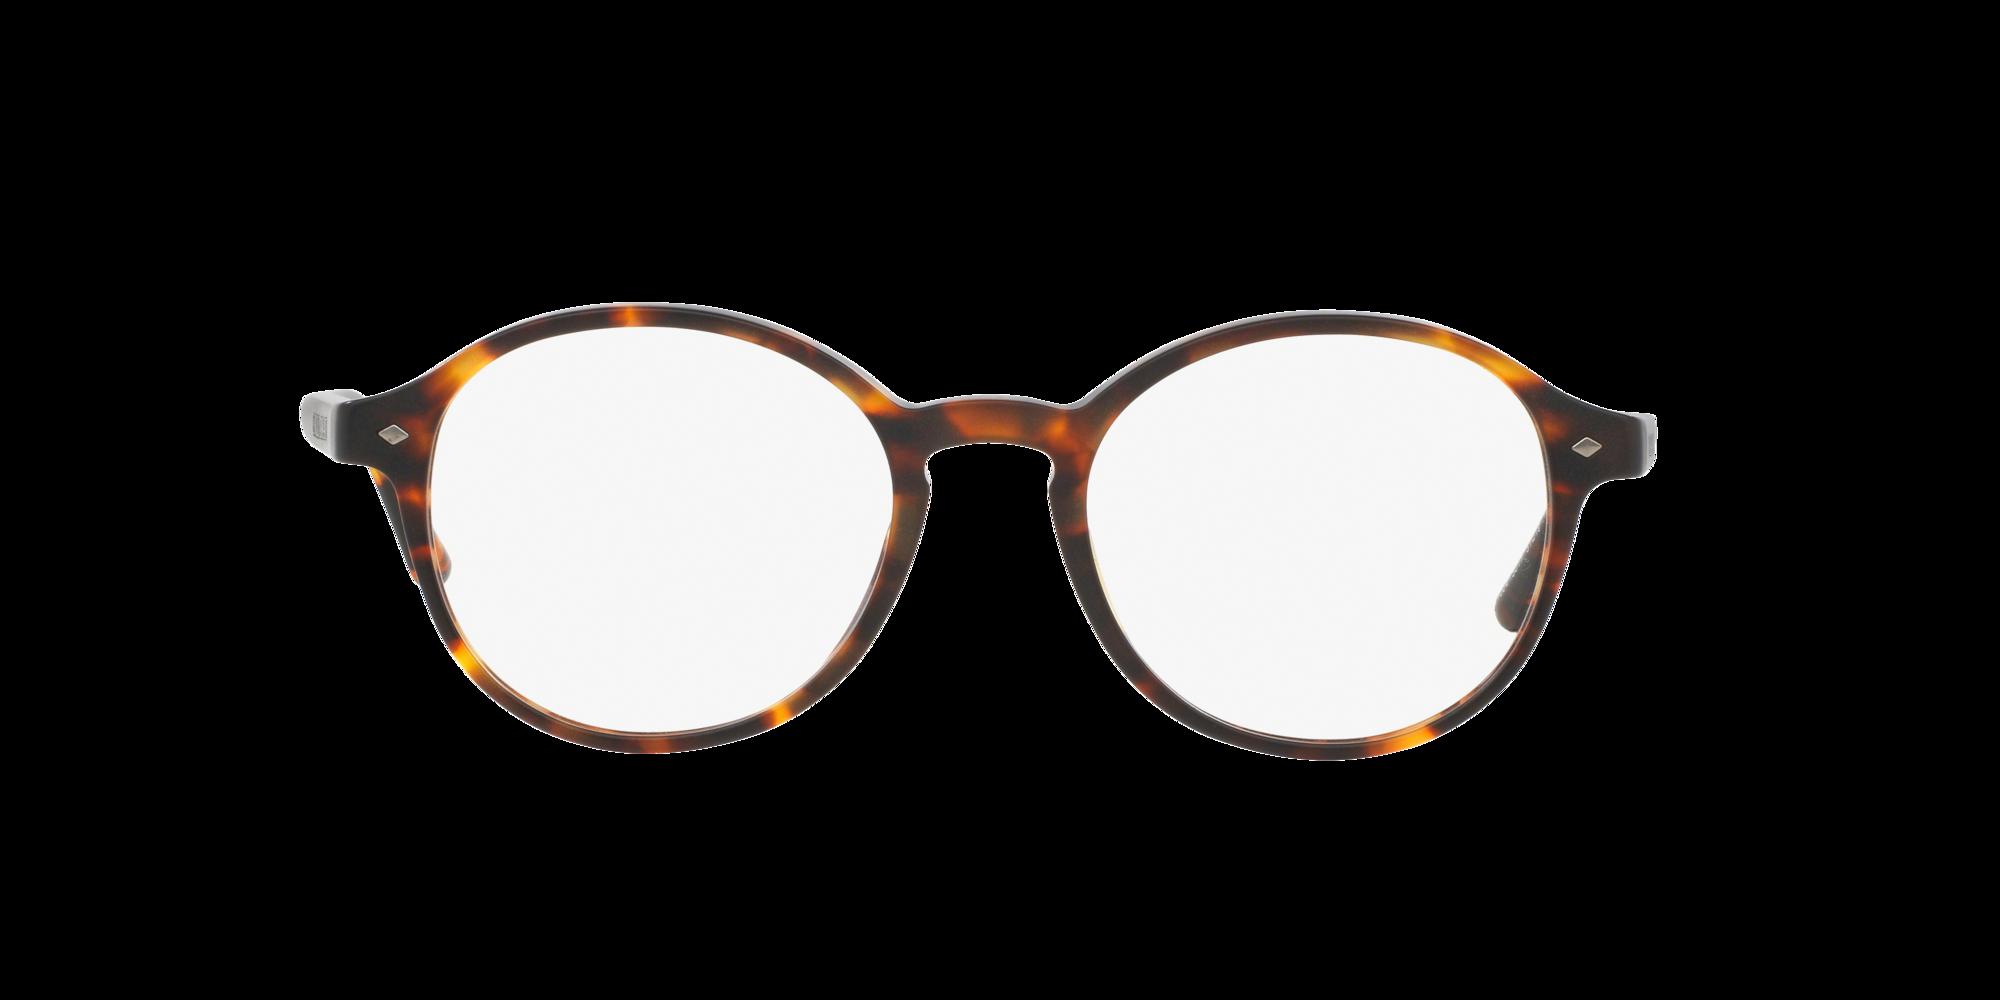 Imagen para AR7004 de LensCrafters |  Espejuelos, espejuelos graduados en línea, gafas